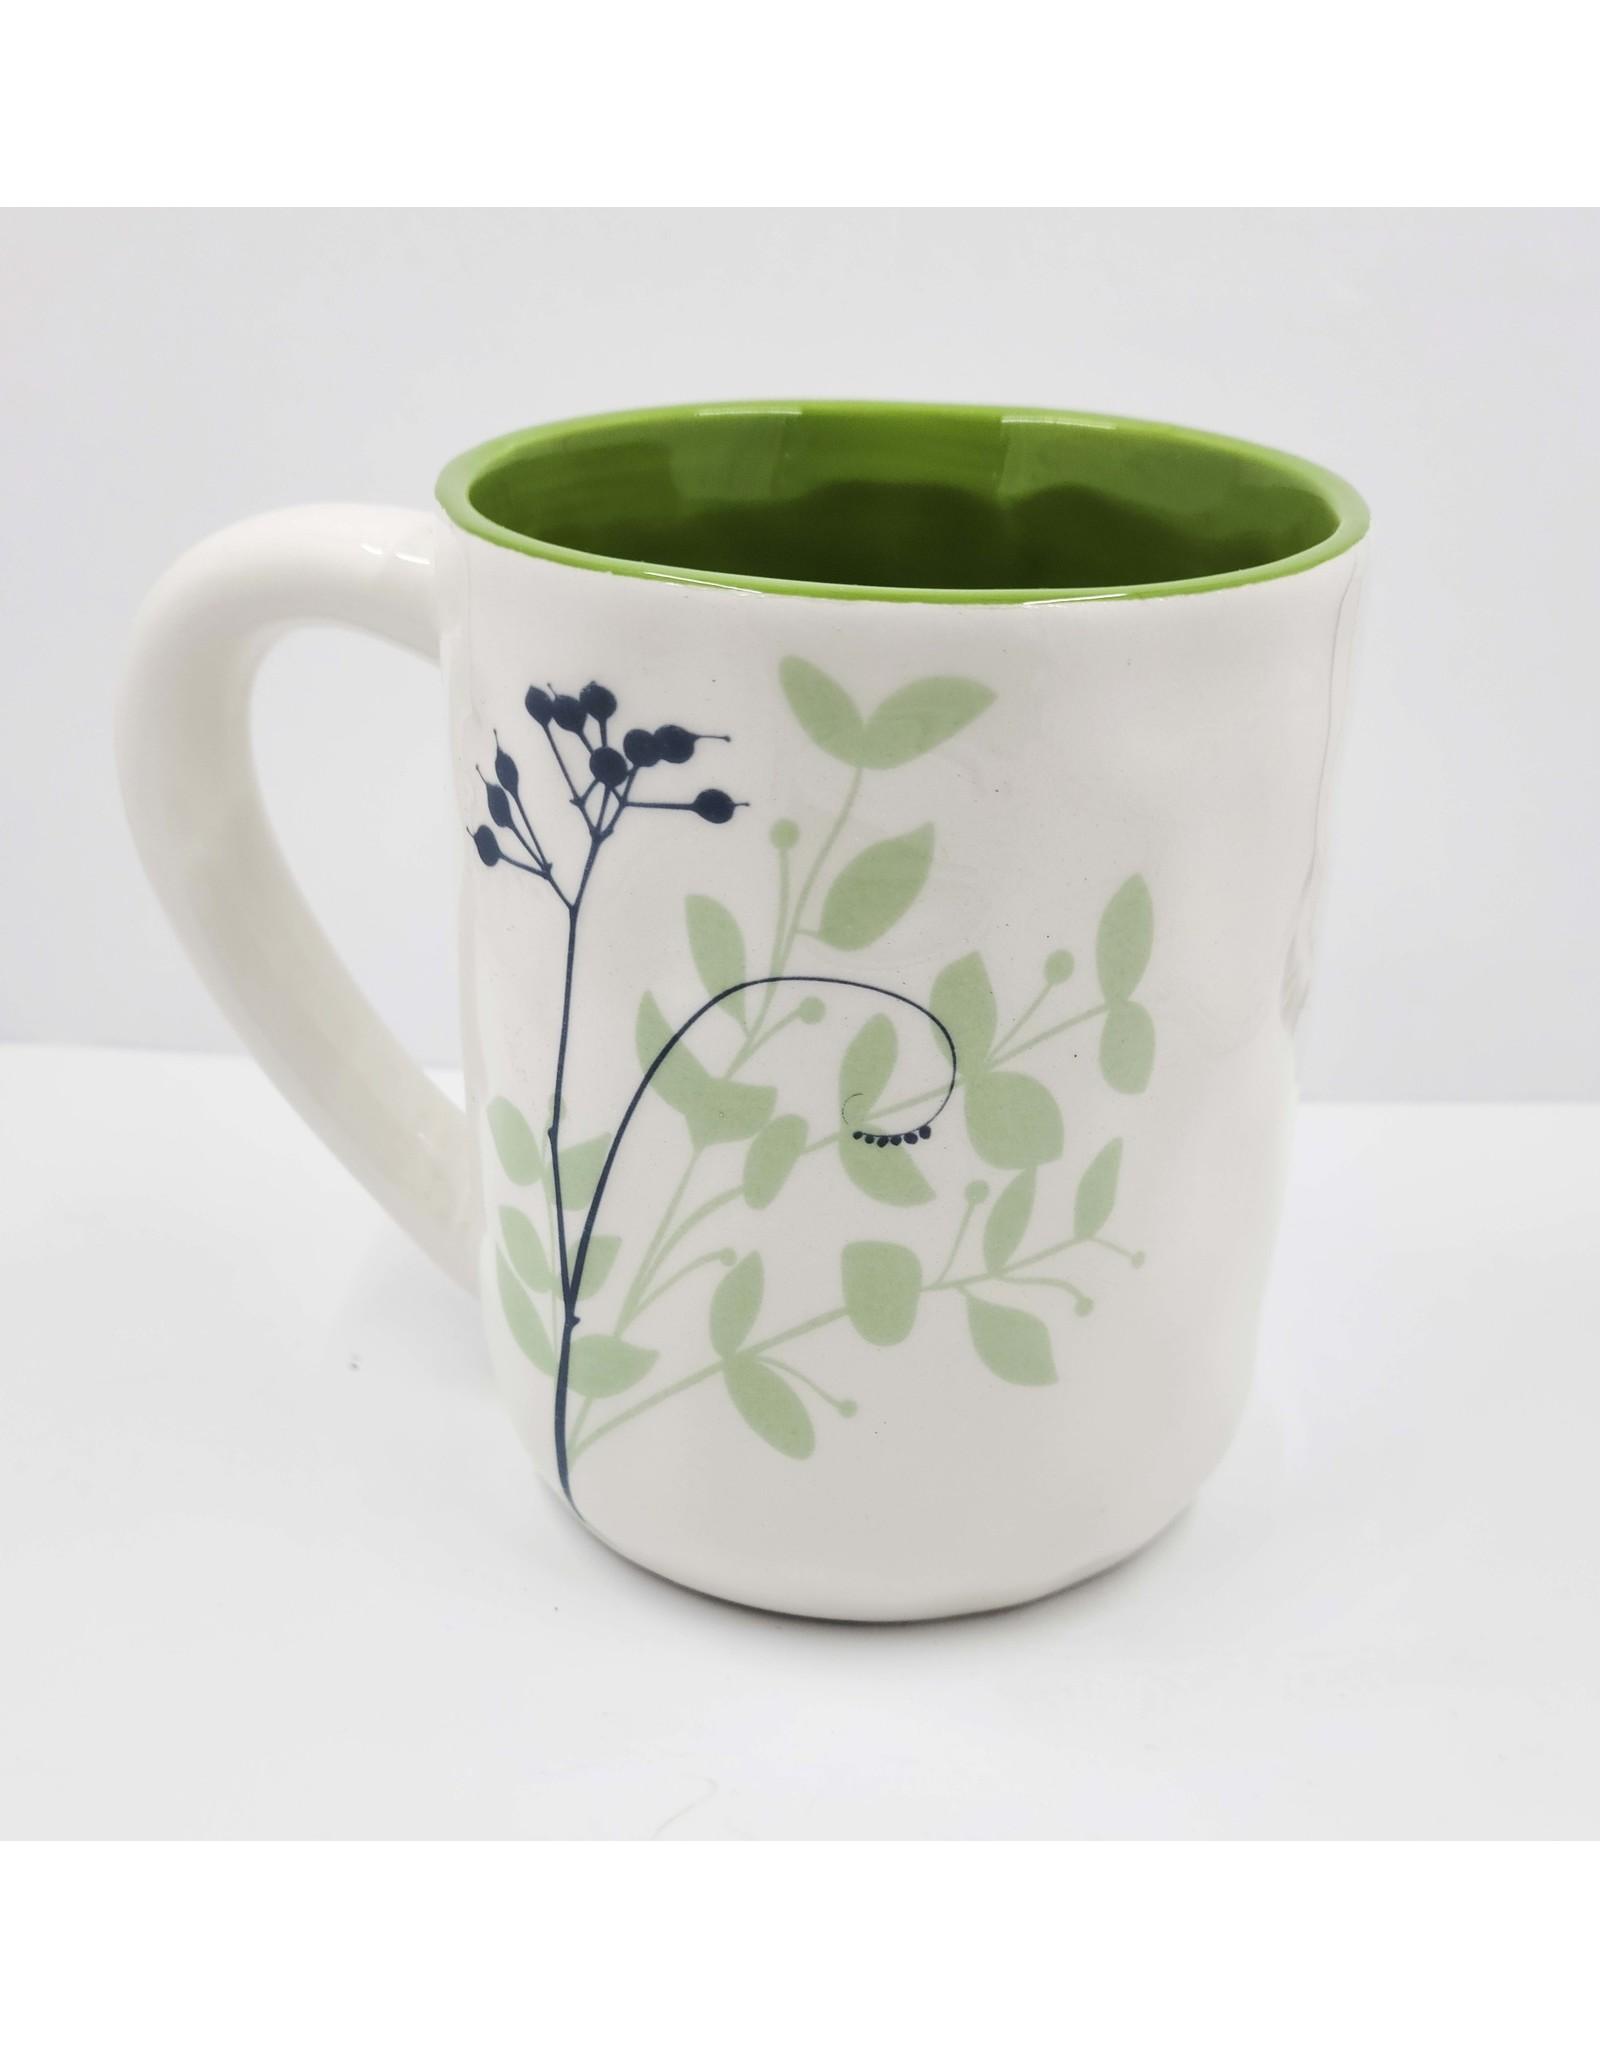 Flower Stalk Mug